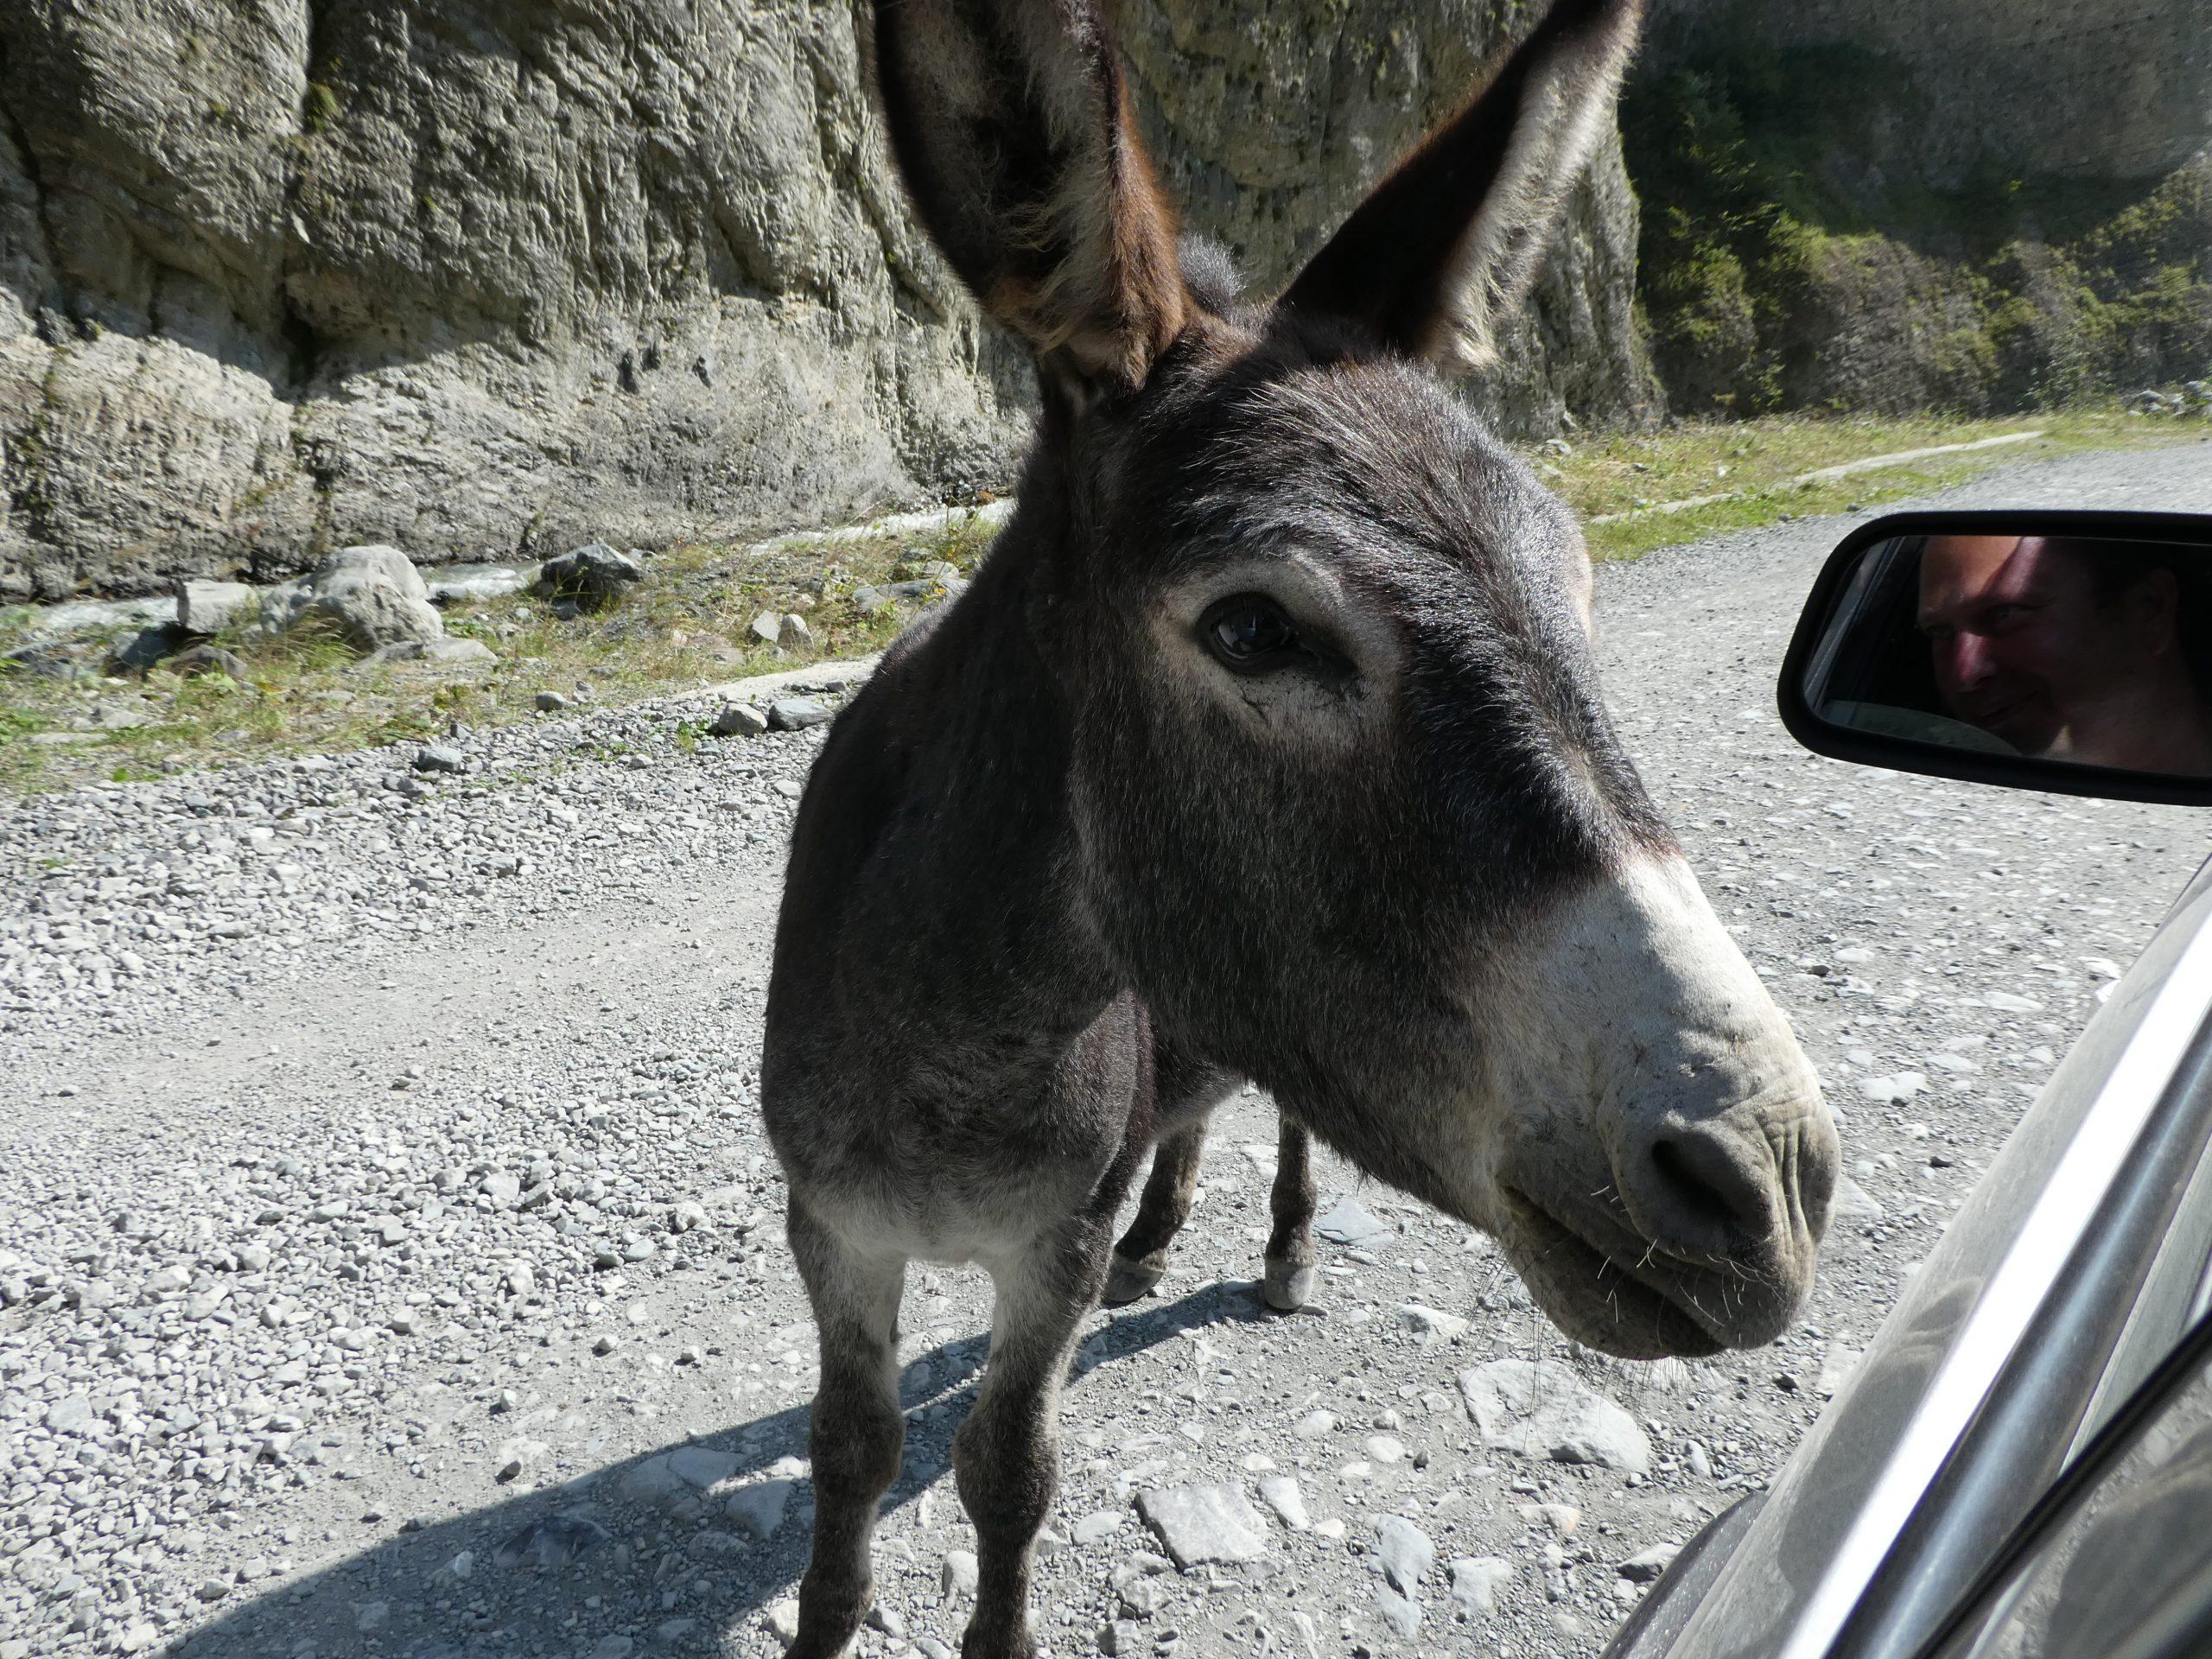 Eselbegrüßung im Genaldon Tal auf der Fahrt zum Kasbek